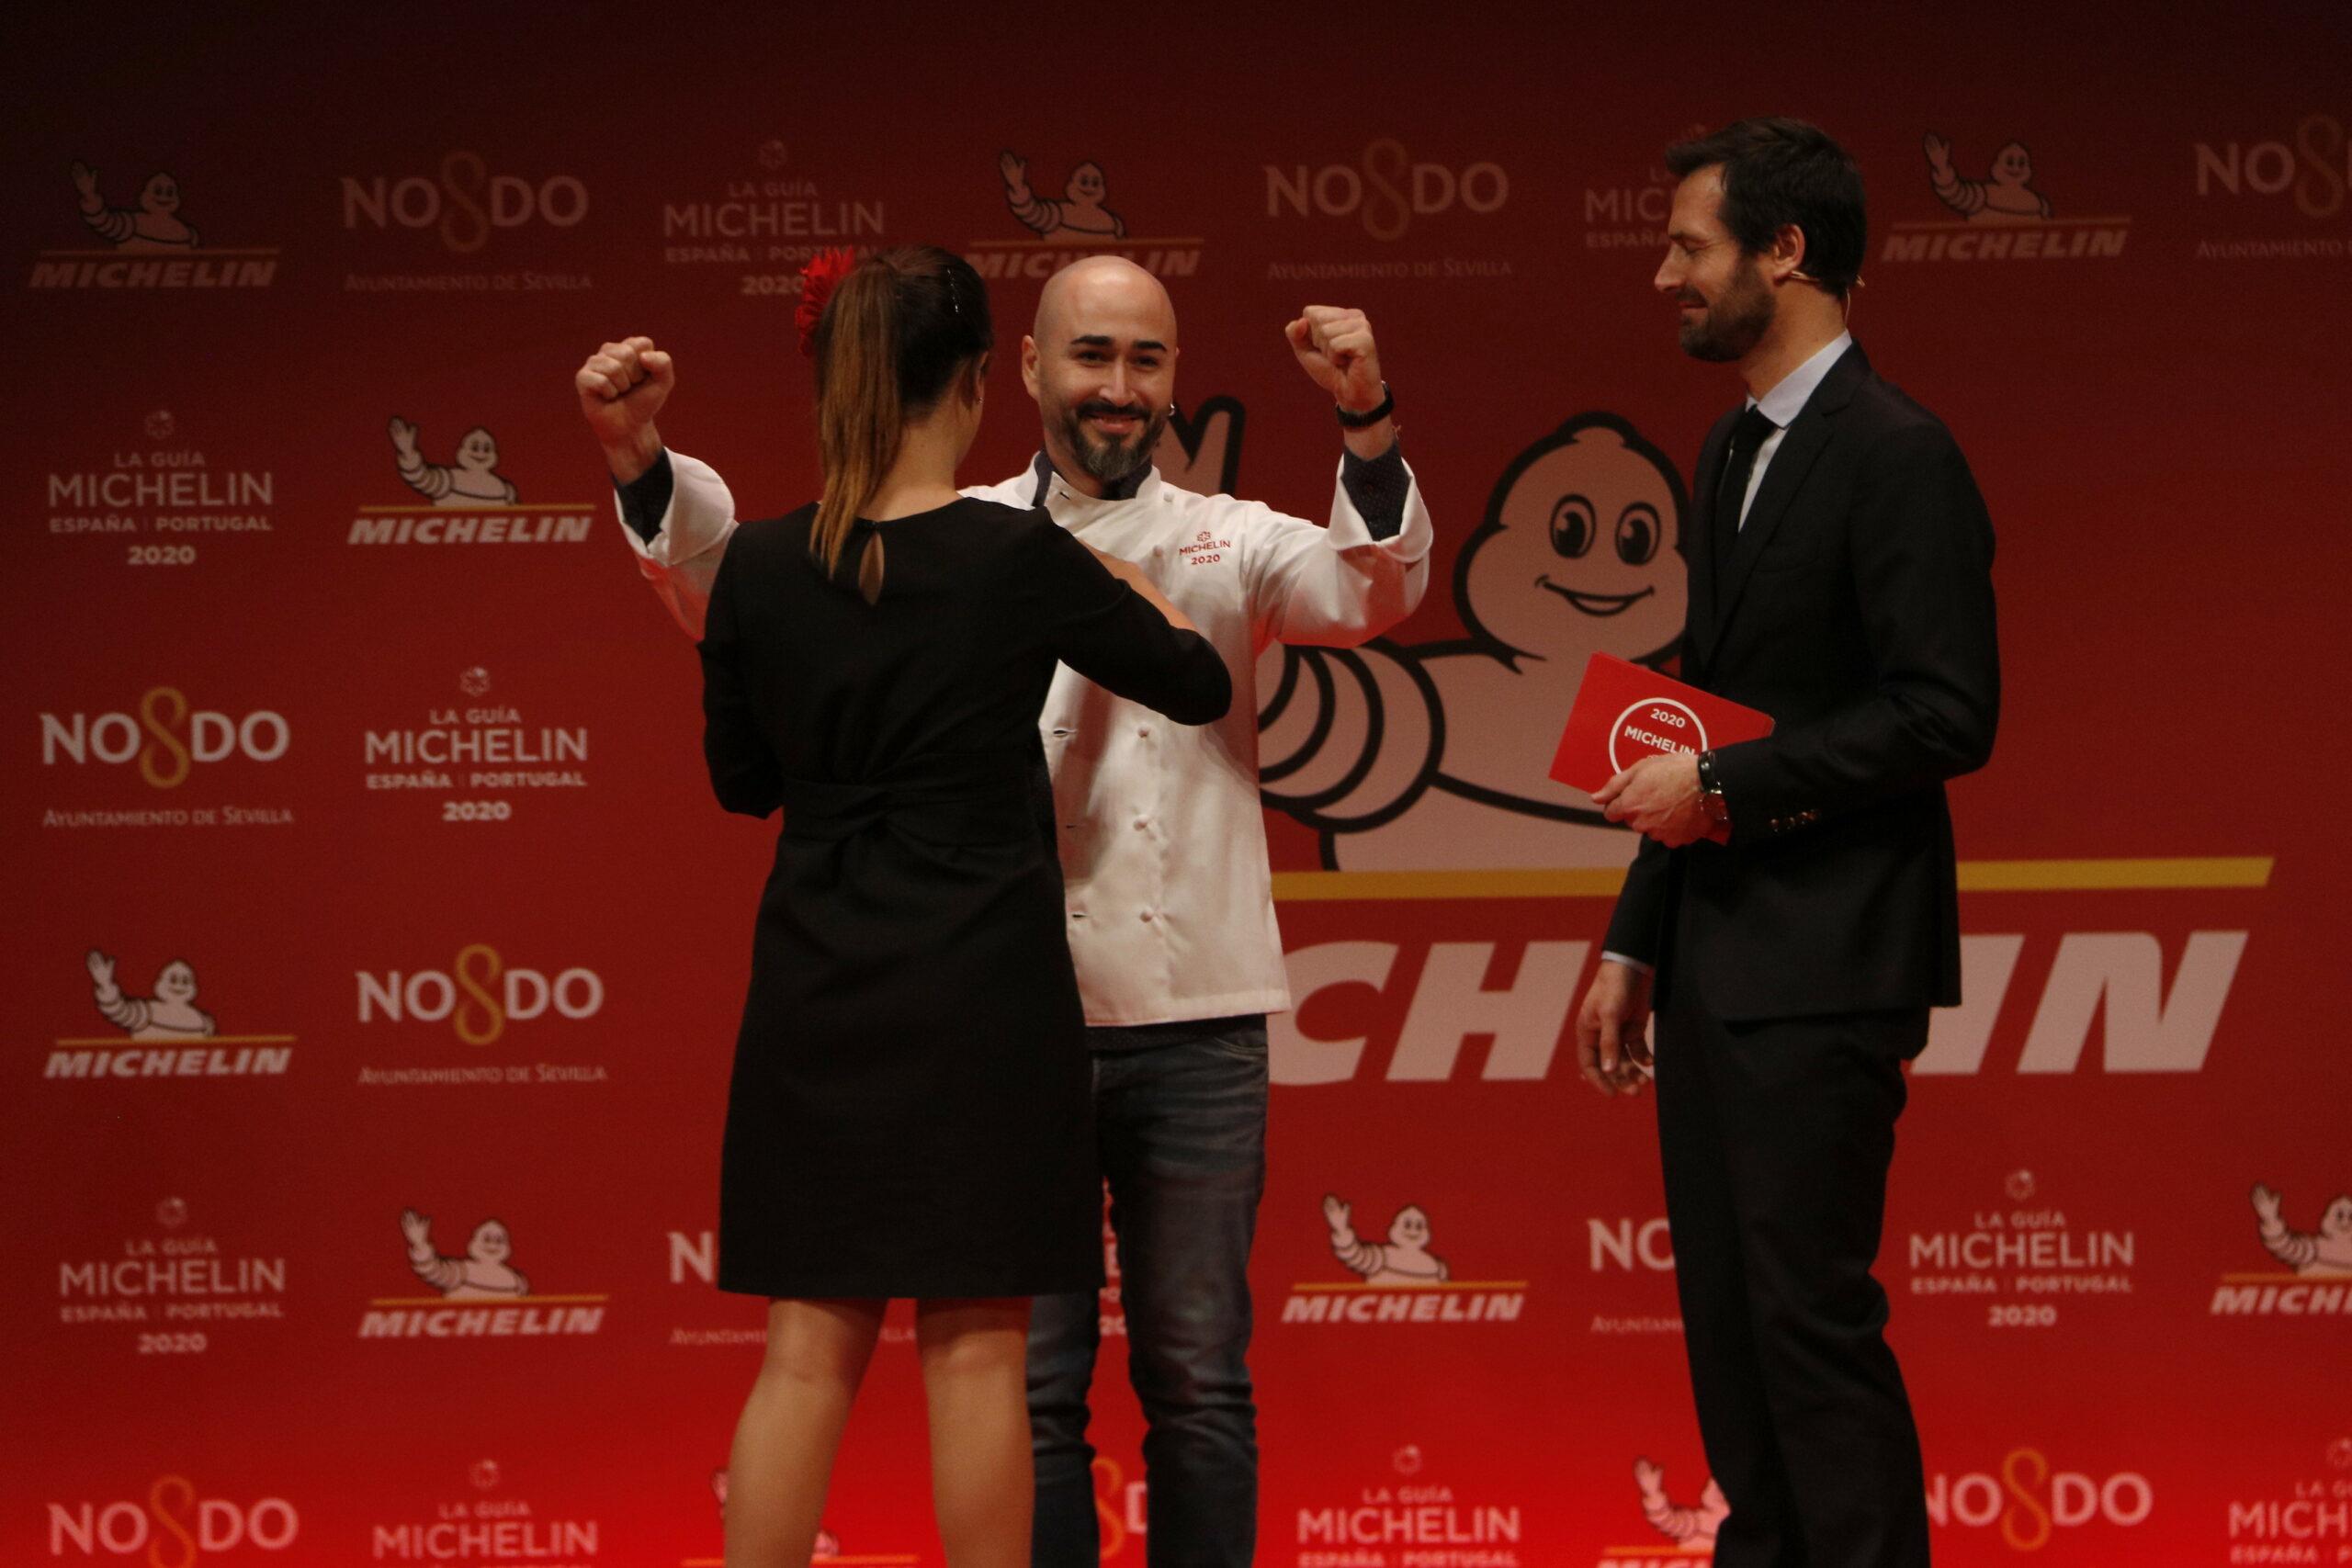 El moment en què Artur Martínez, del restaurant Aürt, rep la seva primera estrella a la gala de les Estrelles Michelin 2019 | ACN